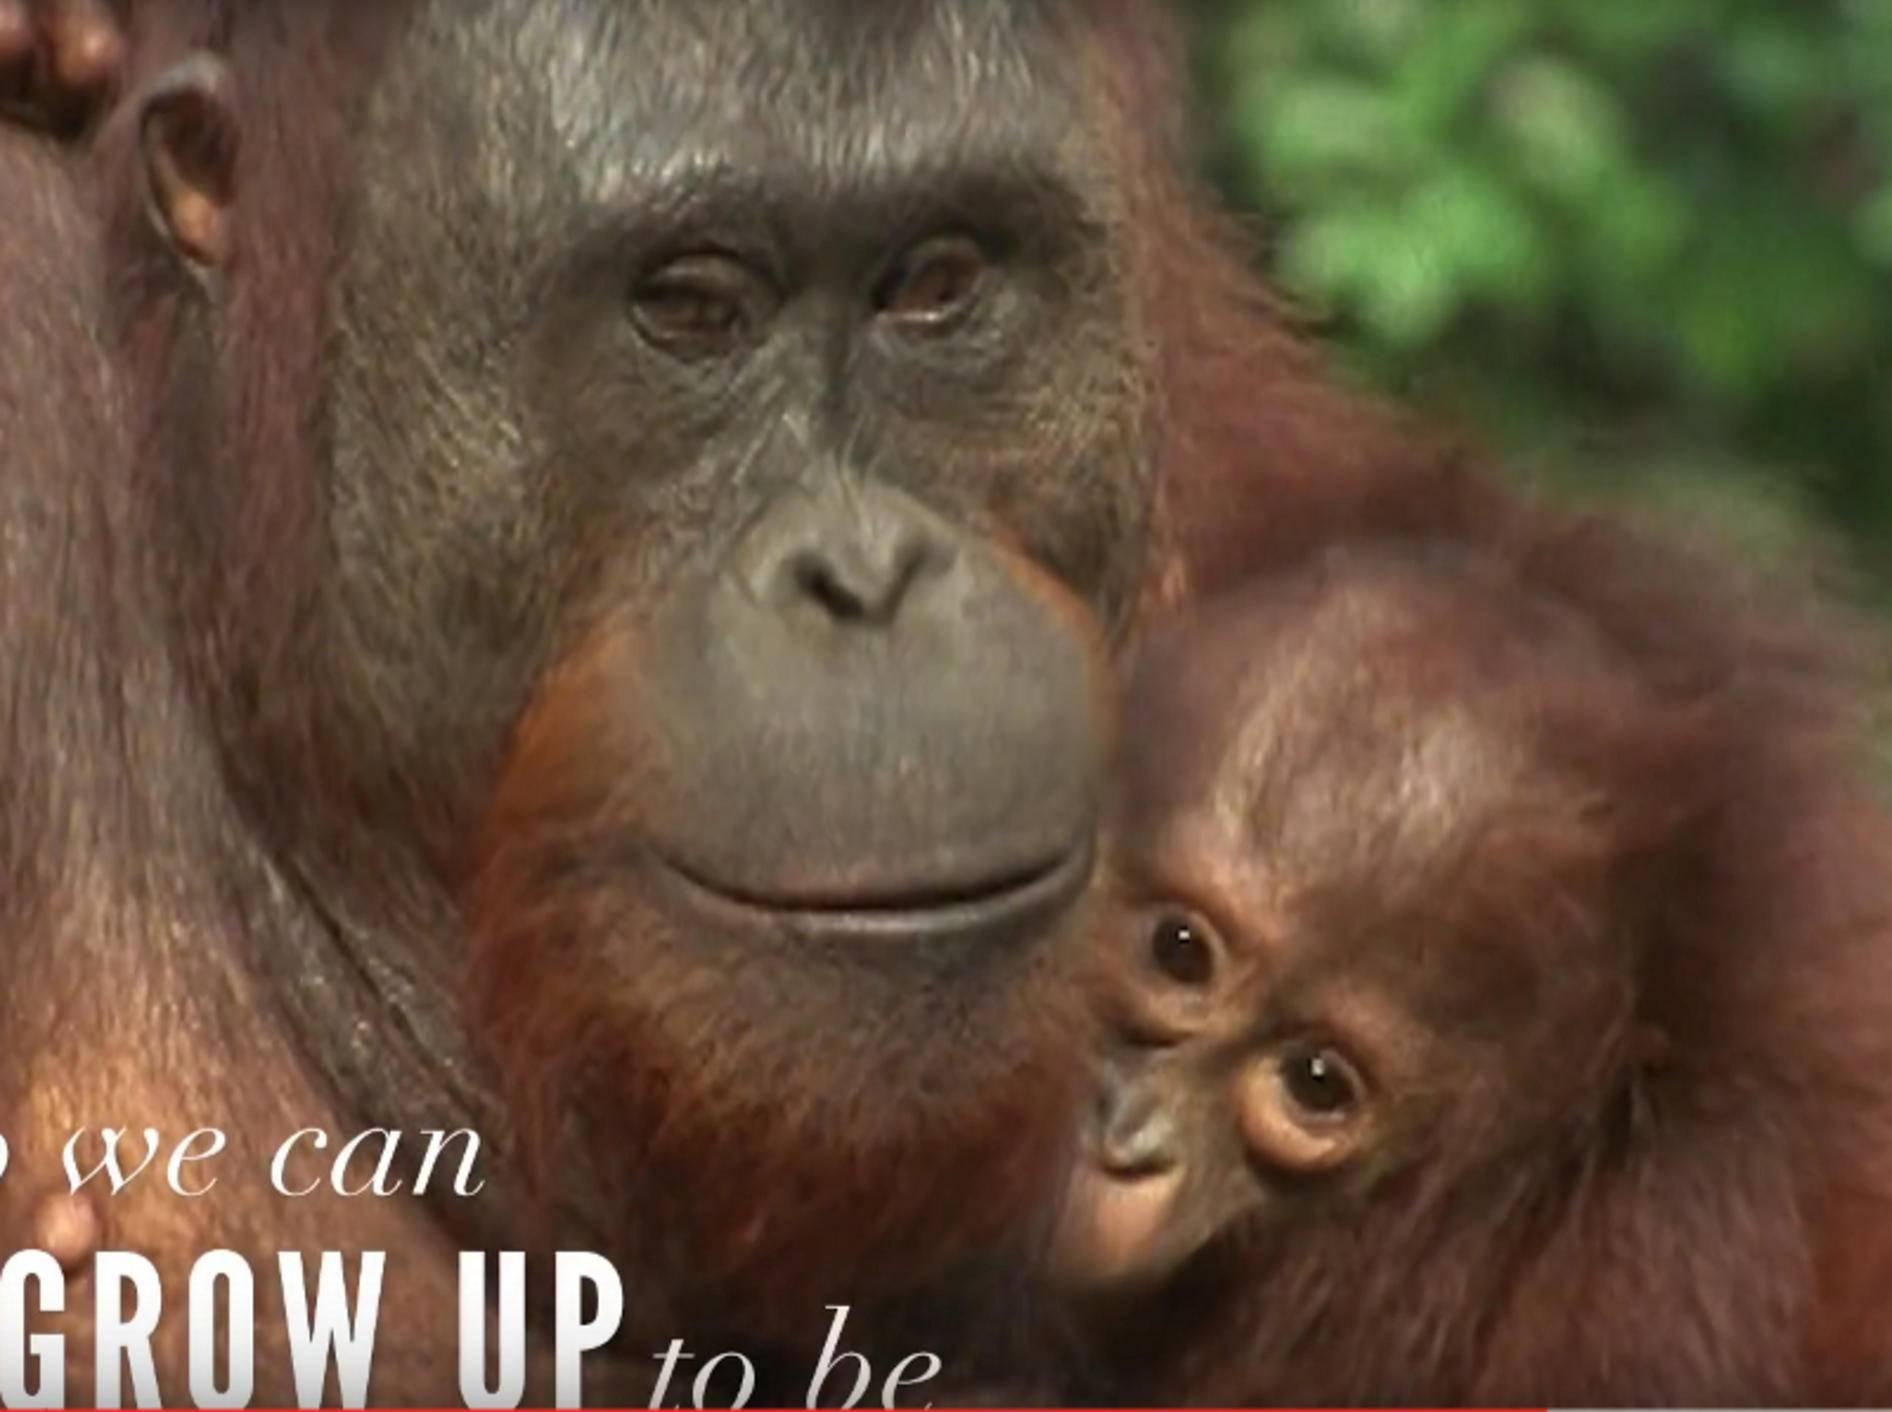 Die besondere Bindung zwischen Mutter und Kind zeigt sich auch, oder vor allem, in der Tierwelt auf beeindruckende Weise – YouTube / The Dodo